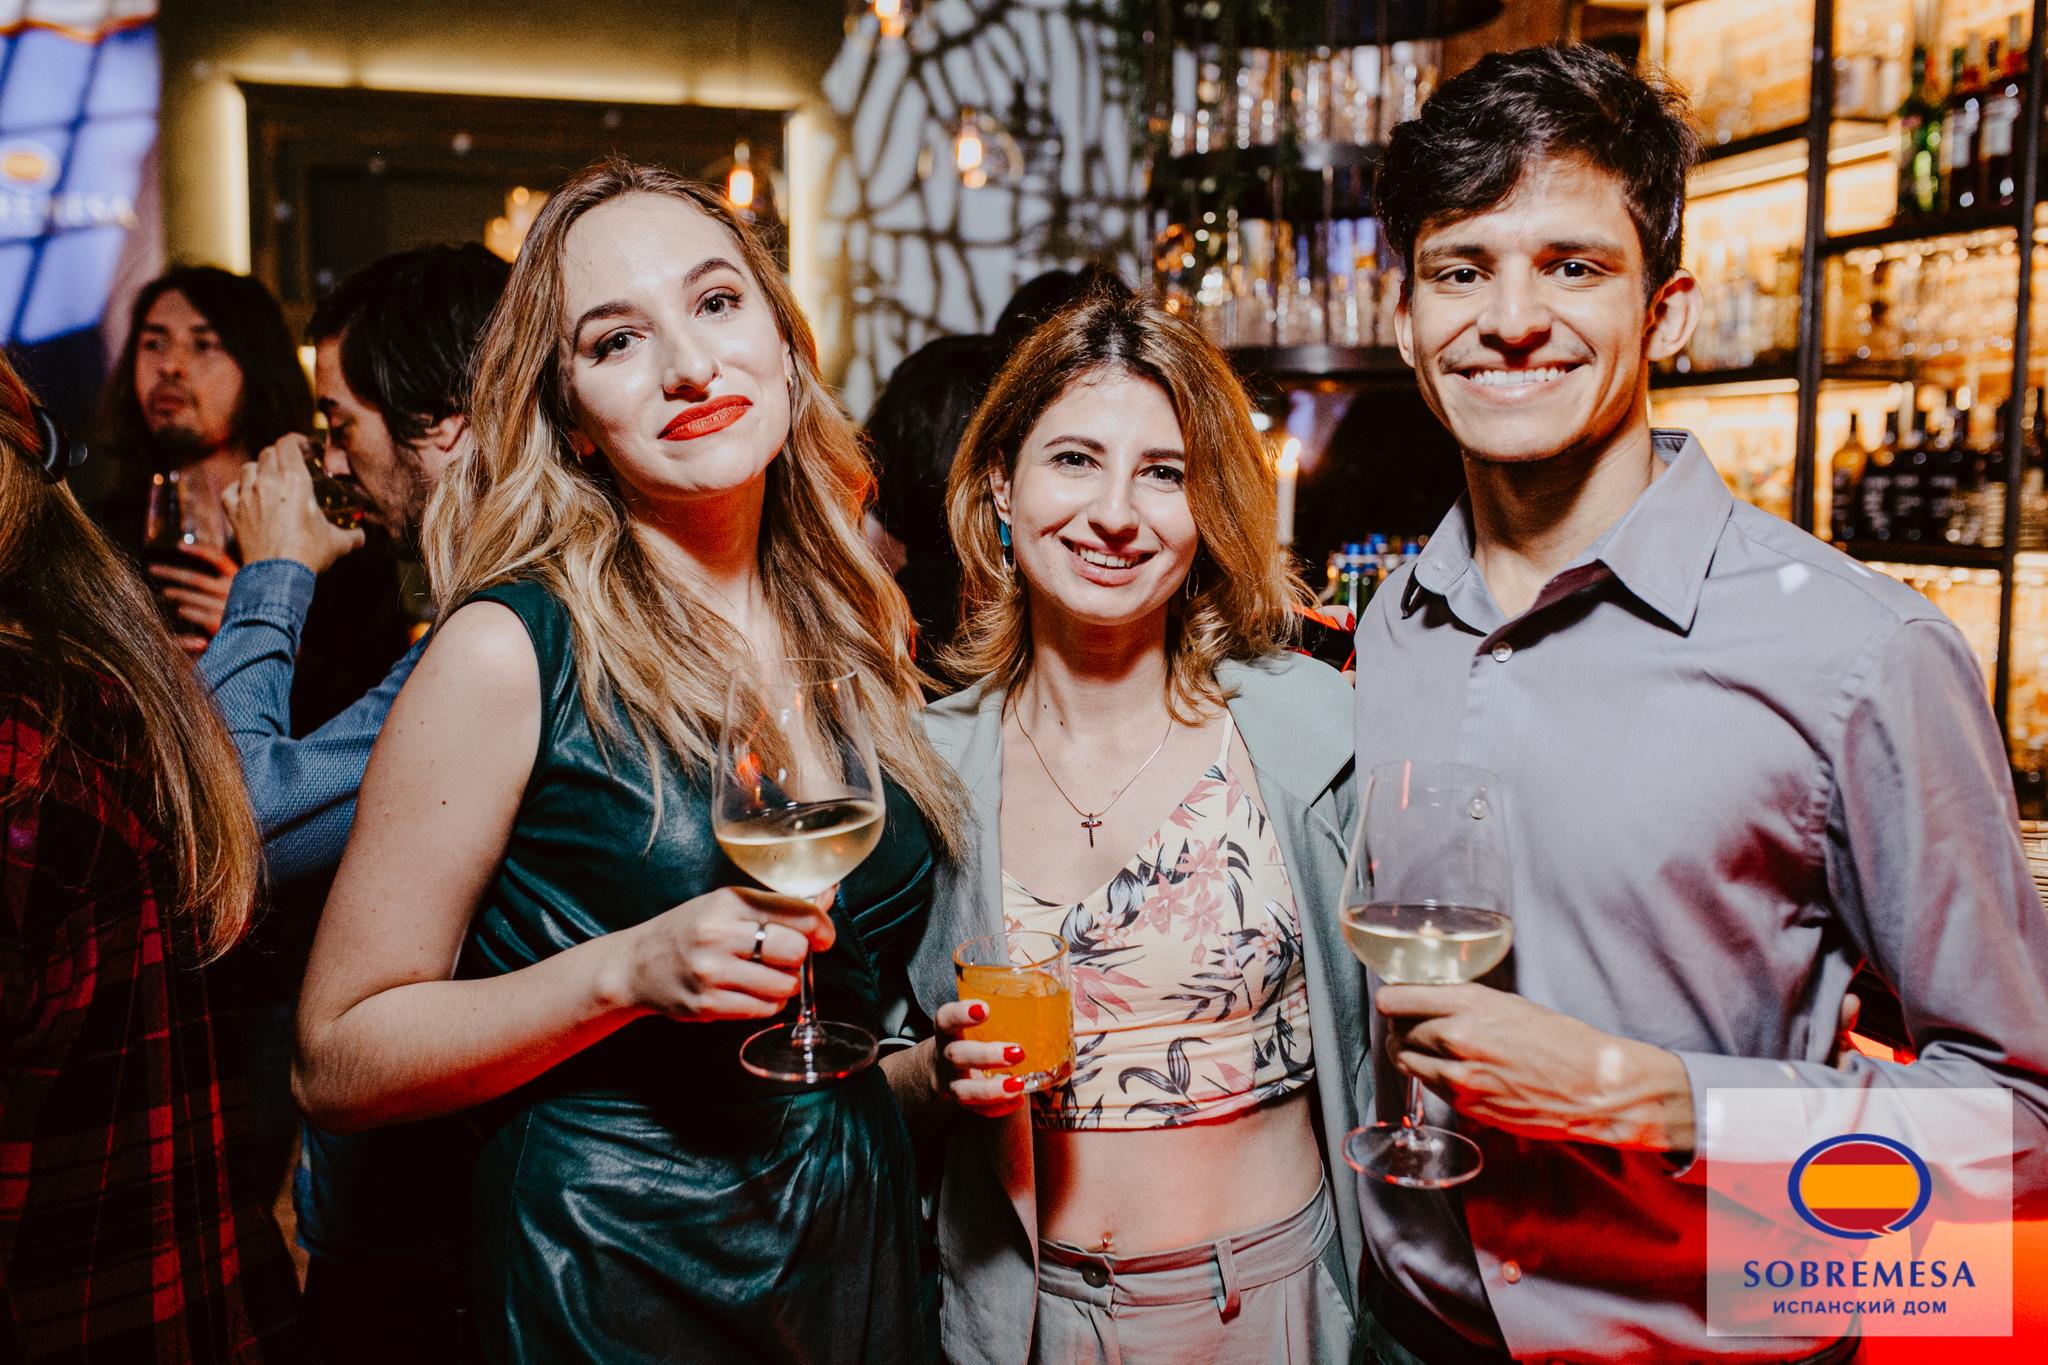 La fiesta El día de la HISPANIDAD фото